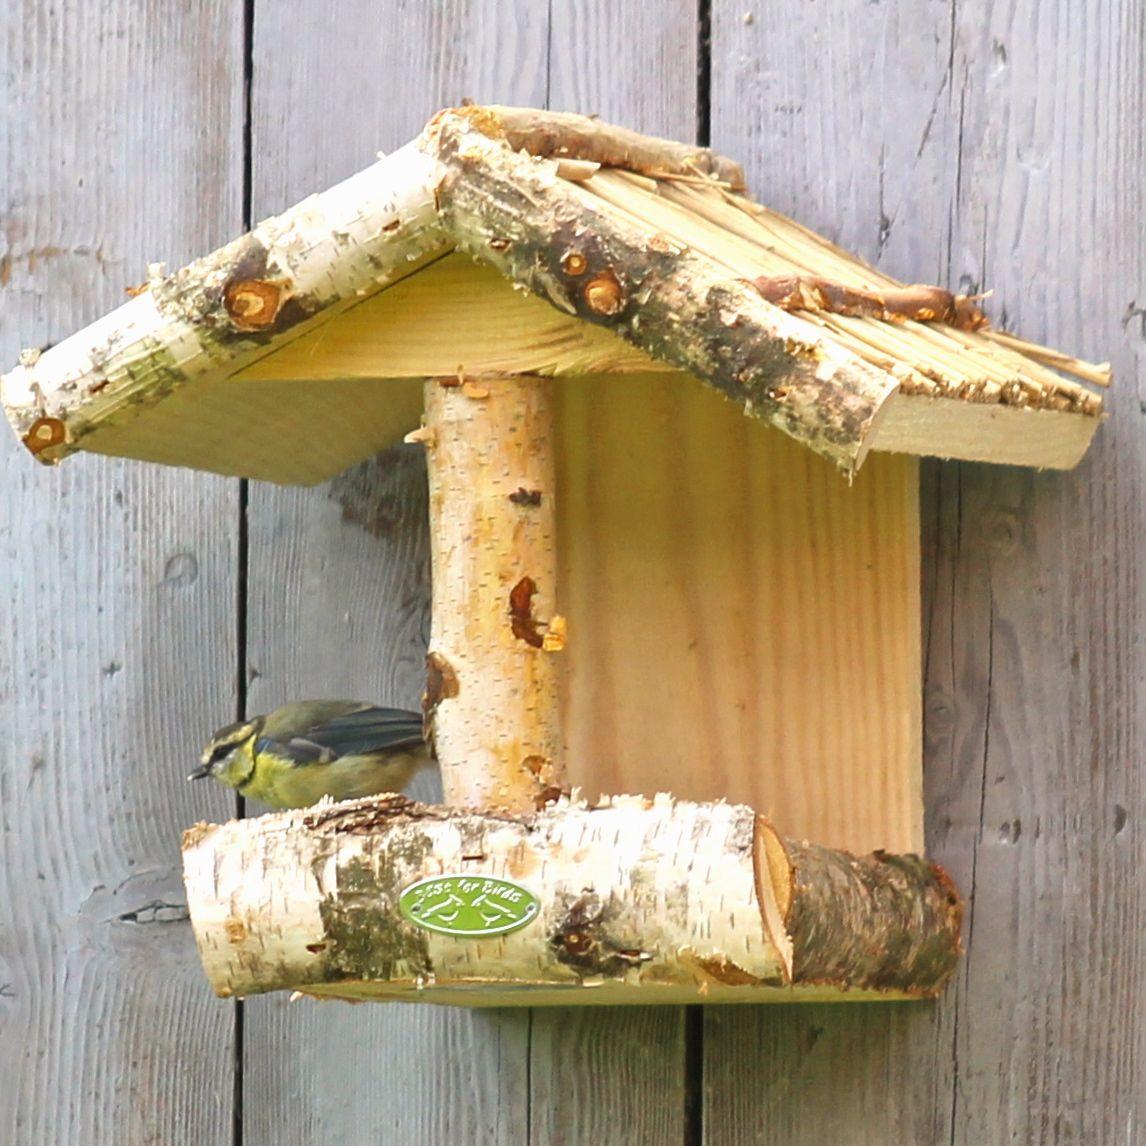 vogelfutterhaus kaufen vogelfutterhaus vogelfutterhaus einebinsenweisheit vogel futterhaus. Black Bedroom Furniture Sets. Home Design Ideas